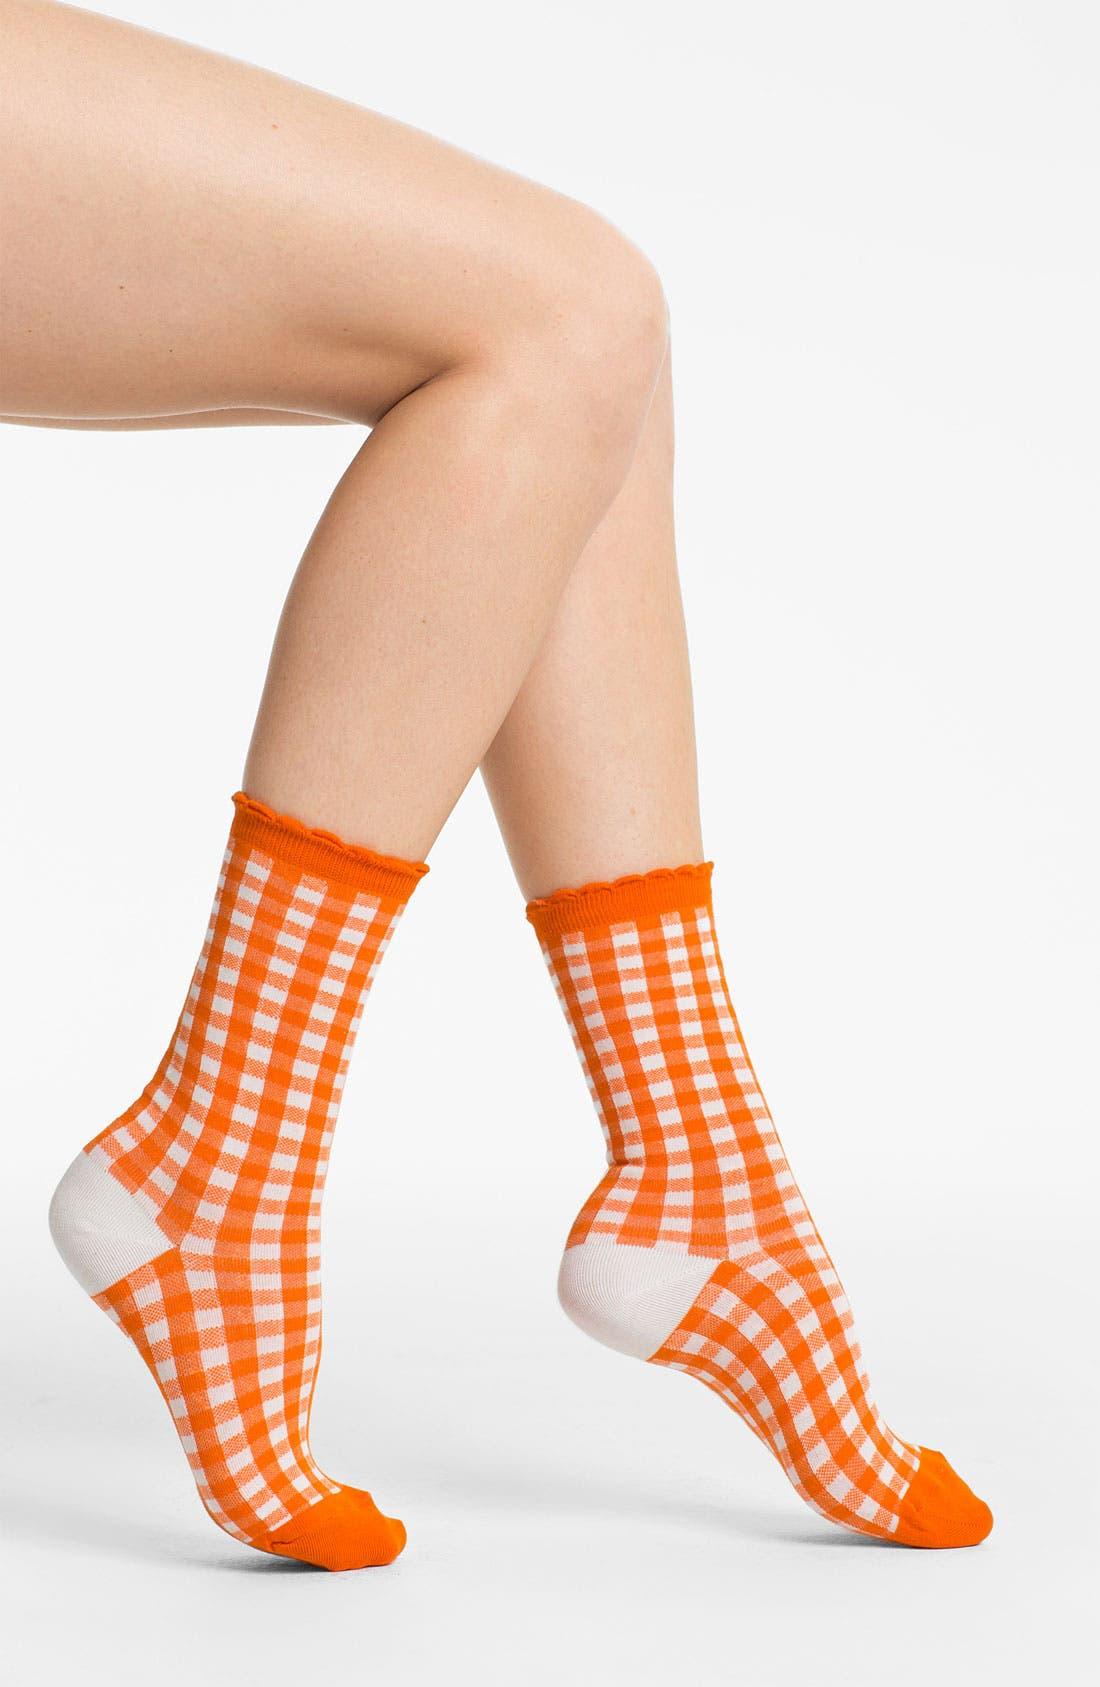 Alternate Image 1 Selected - kate spade new york gingham check crew socks (2 for $18)